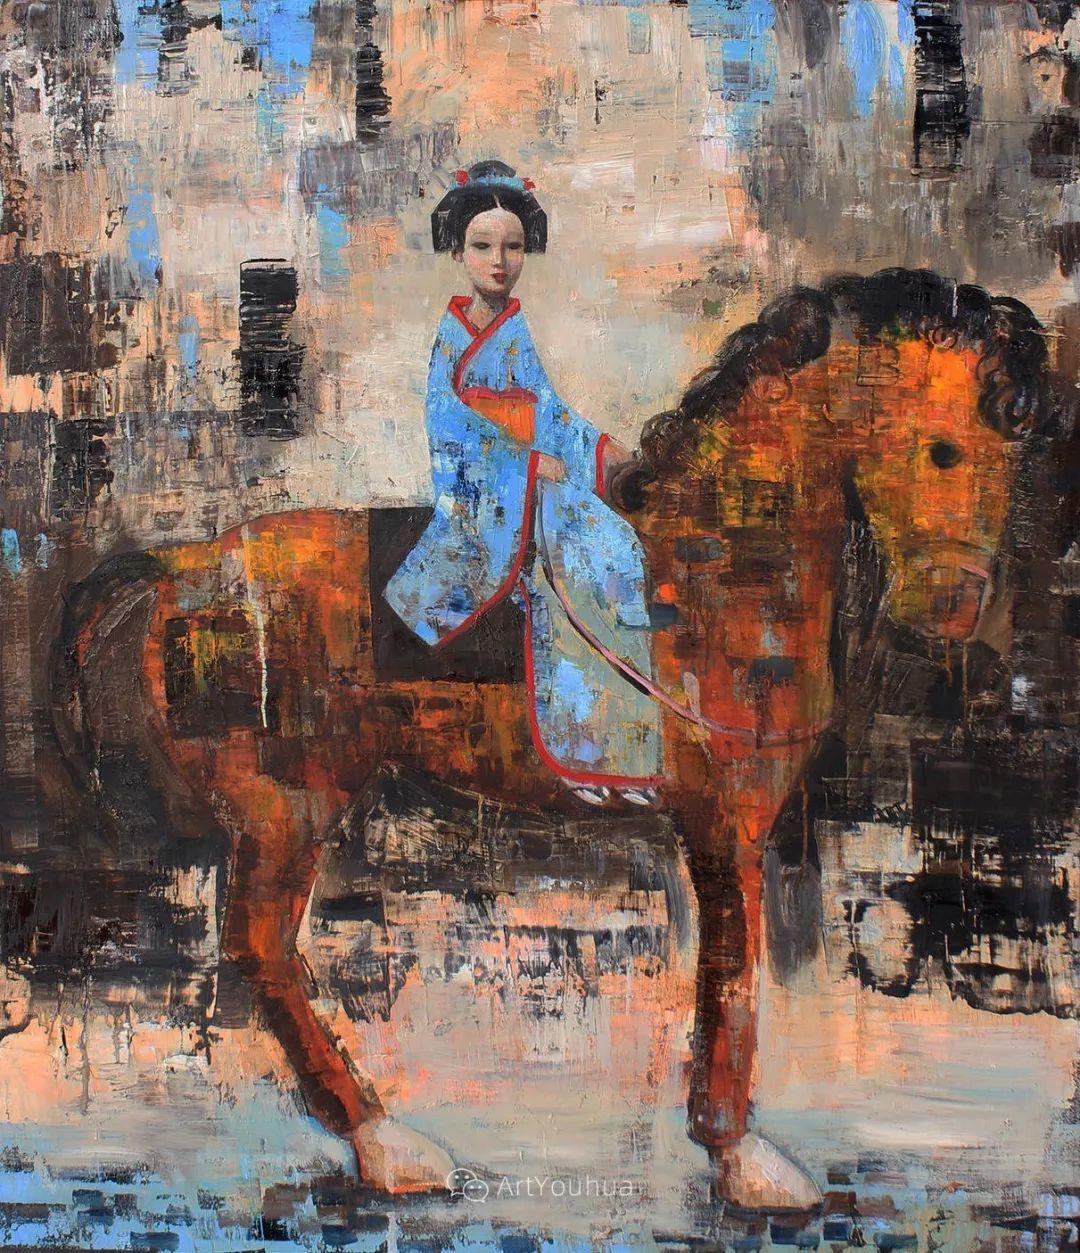 俏皮的具象,热情的色彩,美籍韩裔艺术家Rimi Yang插图5